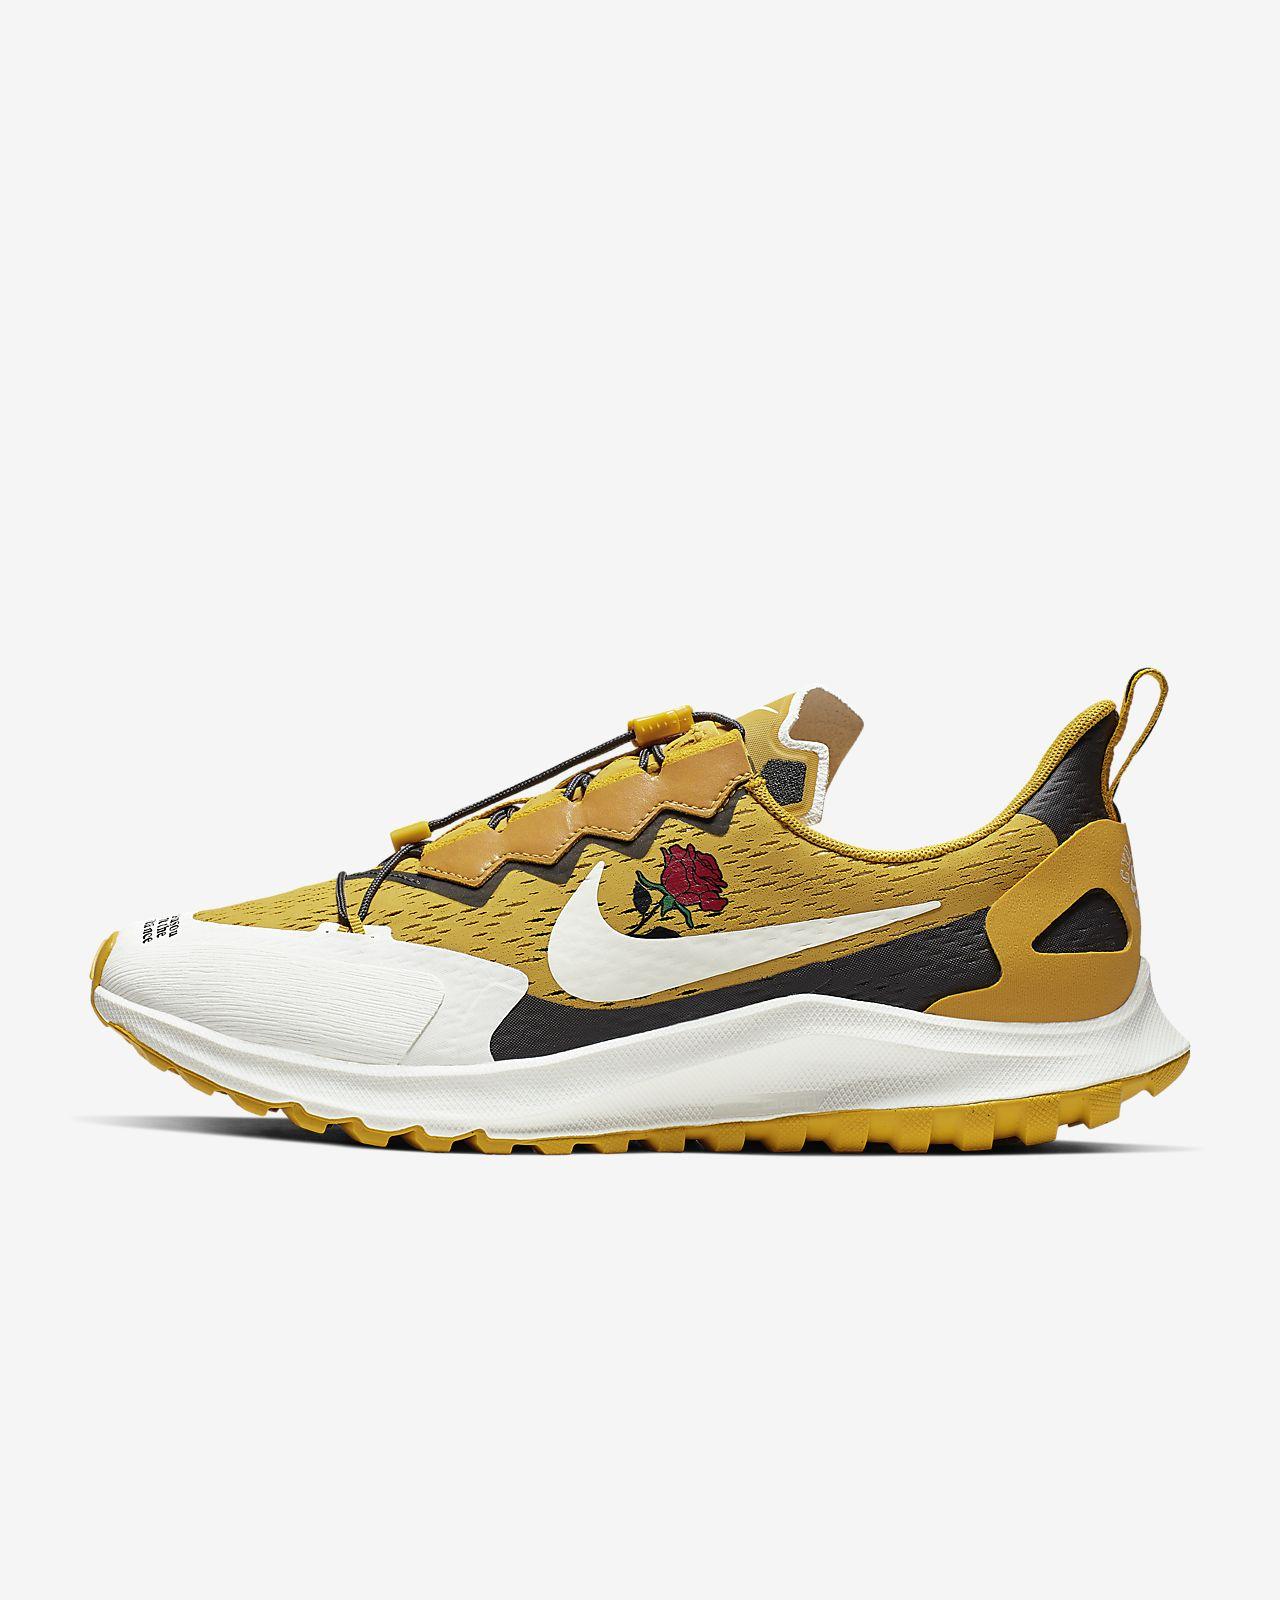 Nike x Gyakusou Zoom Pegasus 36 Trail Shoe